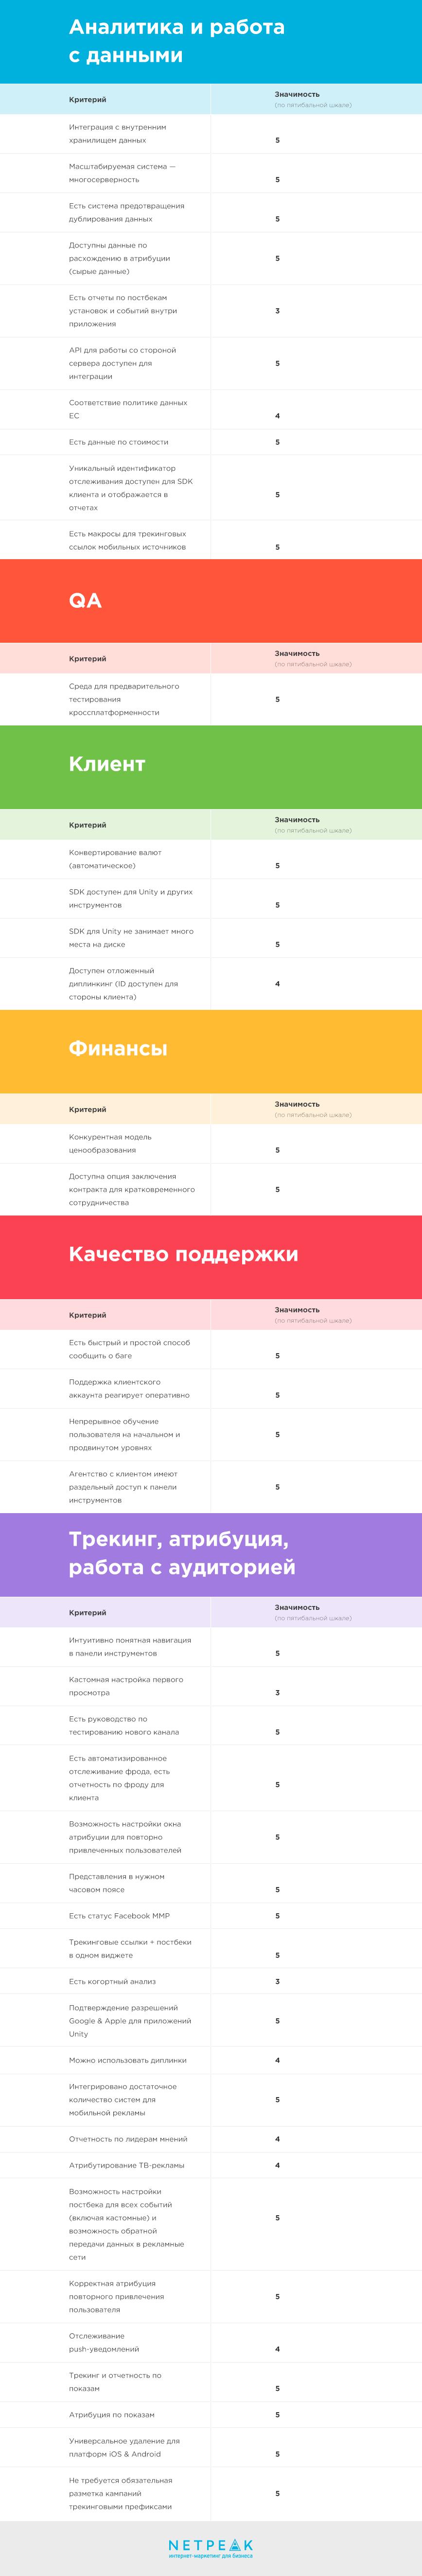 42 требования к идеальному трекеру для мобильного приложения — чек-лист